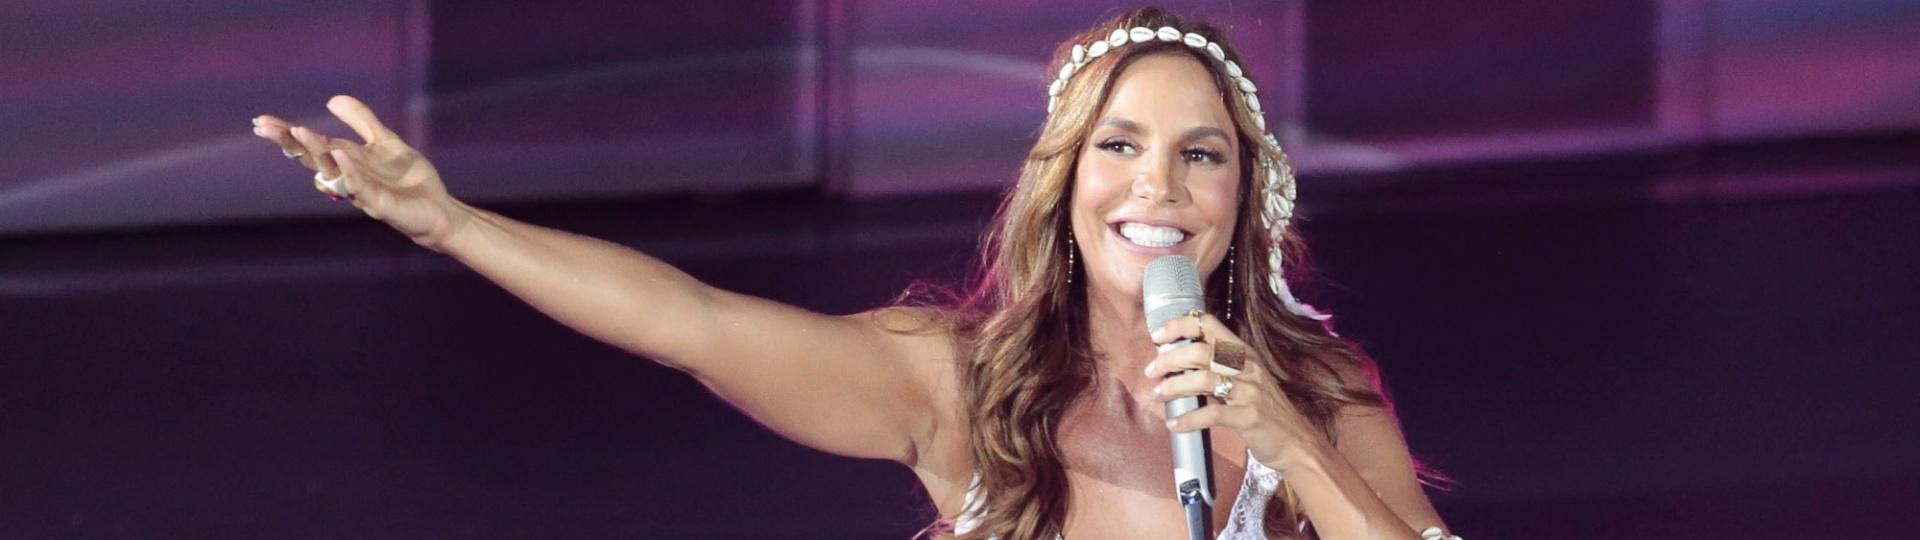 8.abr.2016 - Ivete Sangalo grava DVD acústico em Trancoso, na Bahia